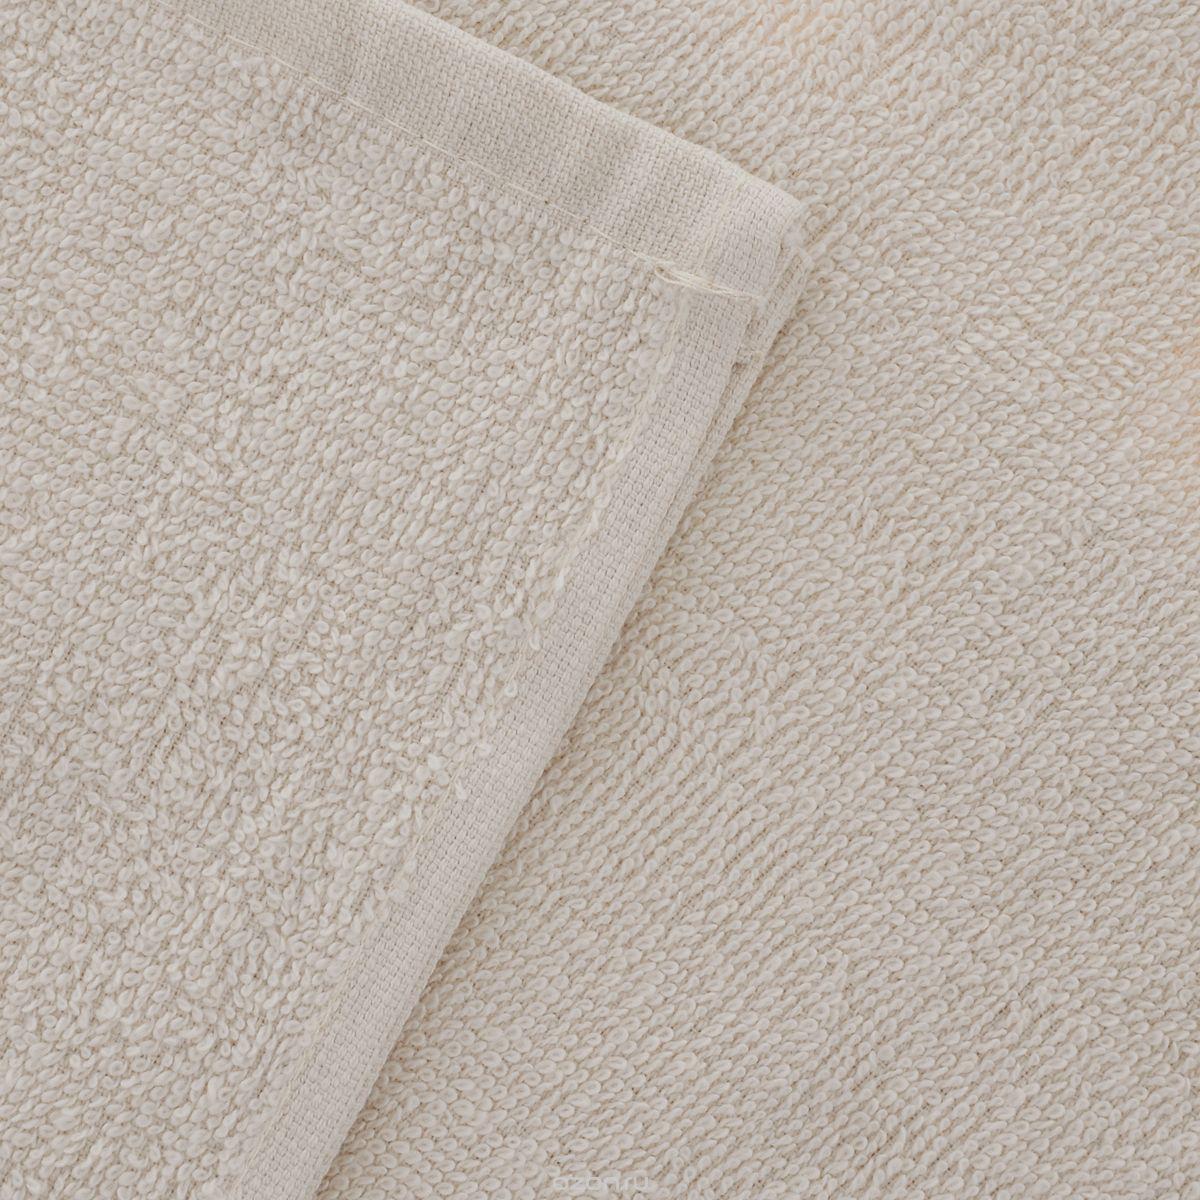 Полотенце Aisha Home Textile, цвет: бежевый, 70 х 140 см. УзТ-ПМ-114-08-03кУзТ-ПМ-114-08-03кМахровые полотенца AISHA Home Textile идеальное сочетание цены и качества. Полотенца упакованы в стильную подарочную коробку. В состав входит только натуральное волокно - хлопок. Лаконичные бордюры подойдут для любого интерьера ванной комнаты. Полотенца прекрасно впитывает влагу и быстро сохнут. При соблюдении рекомендаций по уходу не линяют и не теряют форму даже после многократных стирок. Плотность: 420 г/м2.